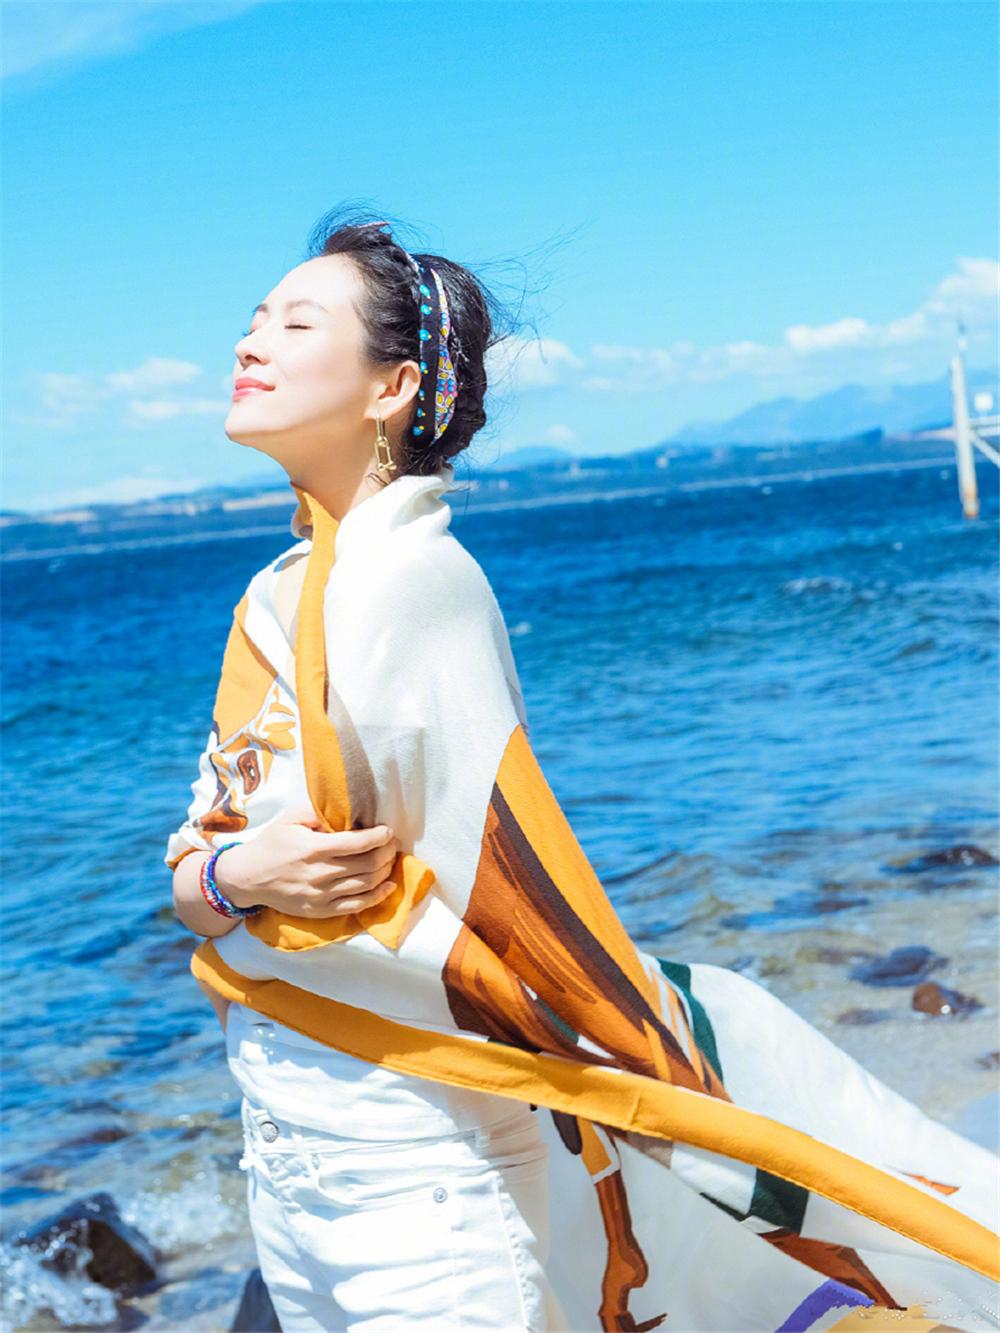 章子怡的游客照堪称阿姨辈的典范!戴花丝巾照样高级,气质是真好 时尚头条 第5张